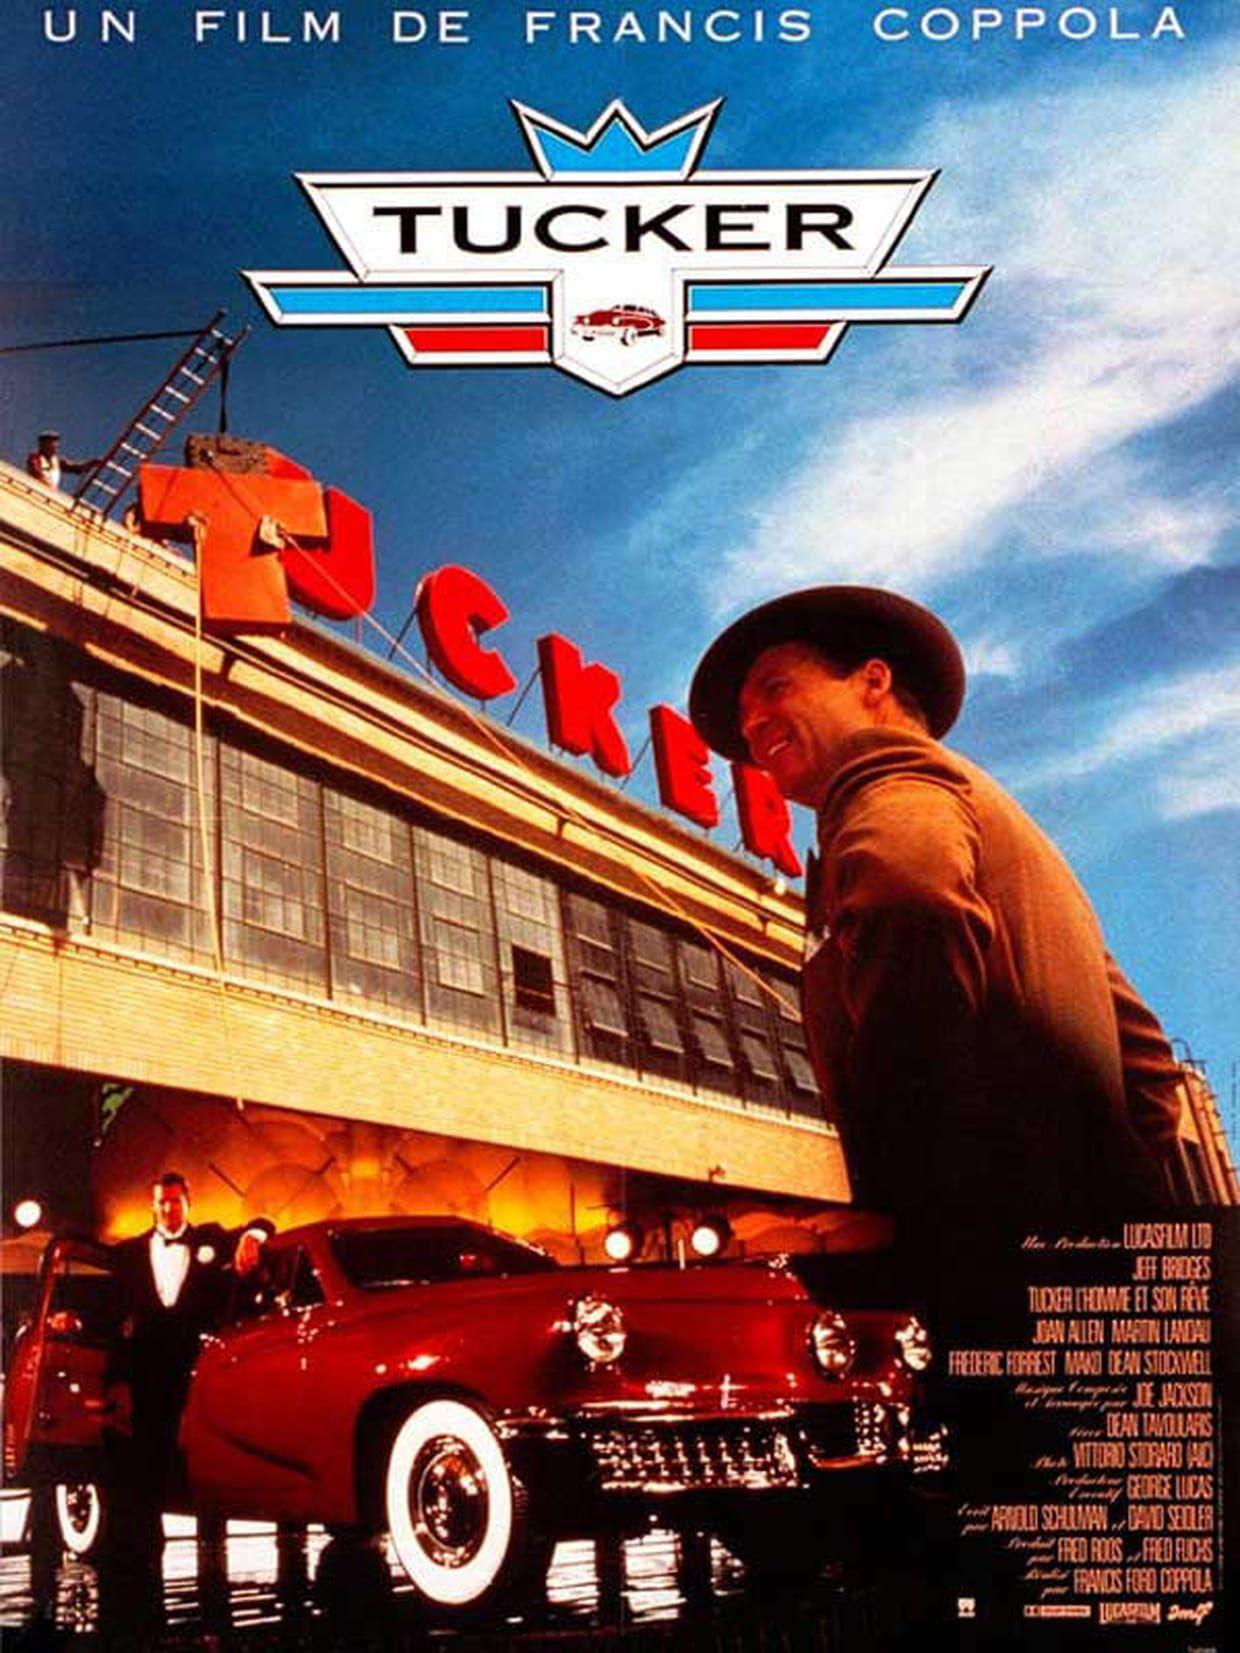 Tucker Film